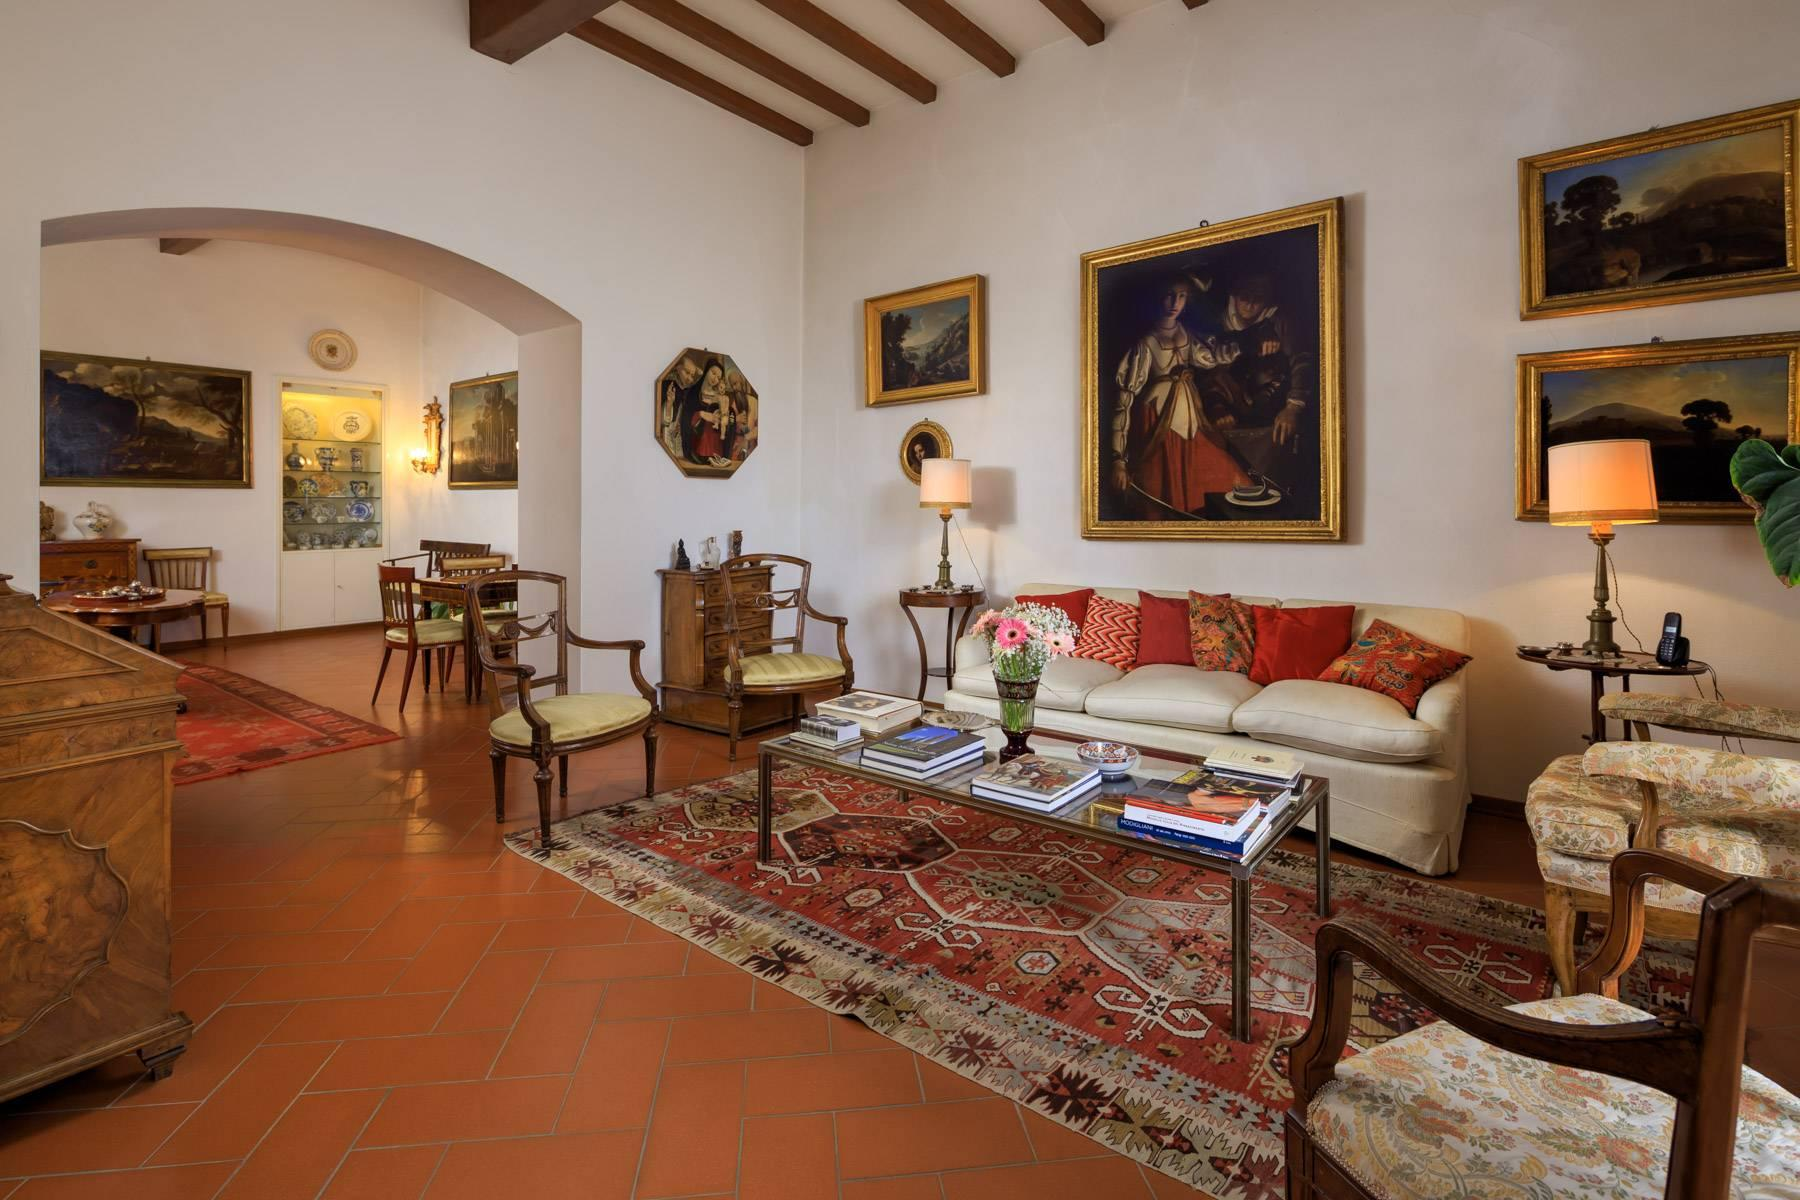 Grande villa antica con oliveto a 10 minuti da Firenze - 25